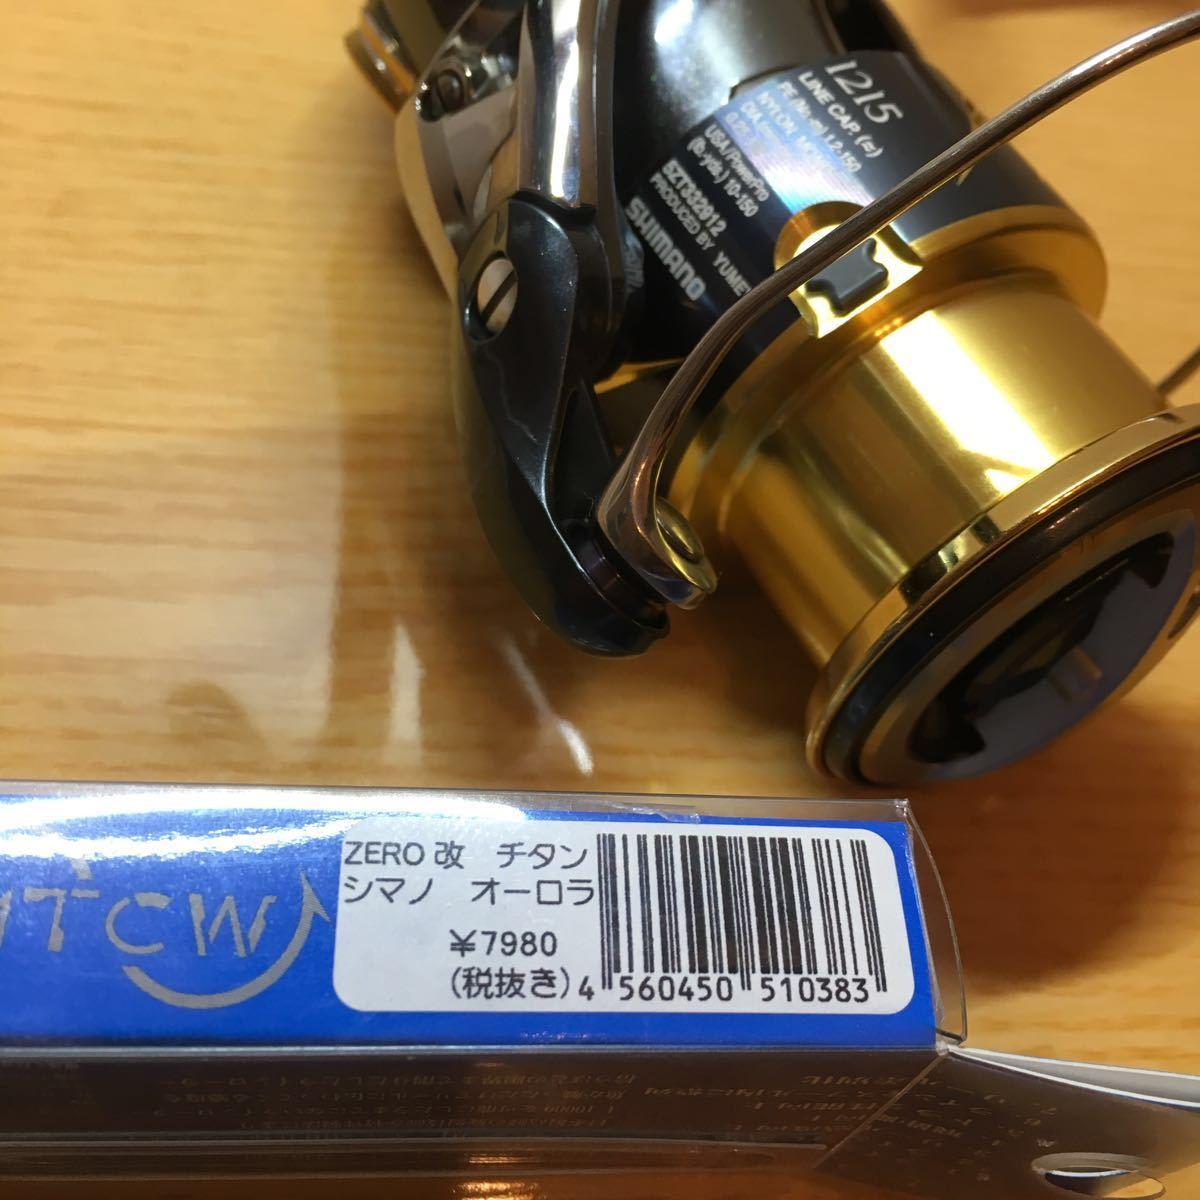 14ステラC3000HG 夢屋スプールPE1215 MTCWチタンラインローラー その他_画像7